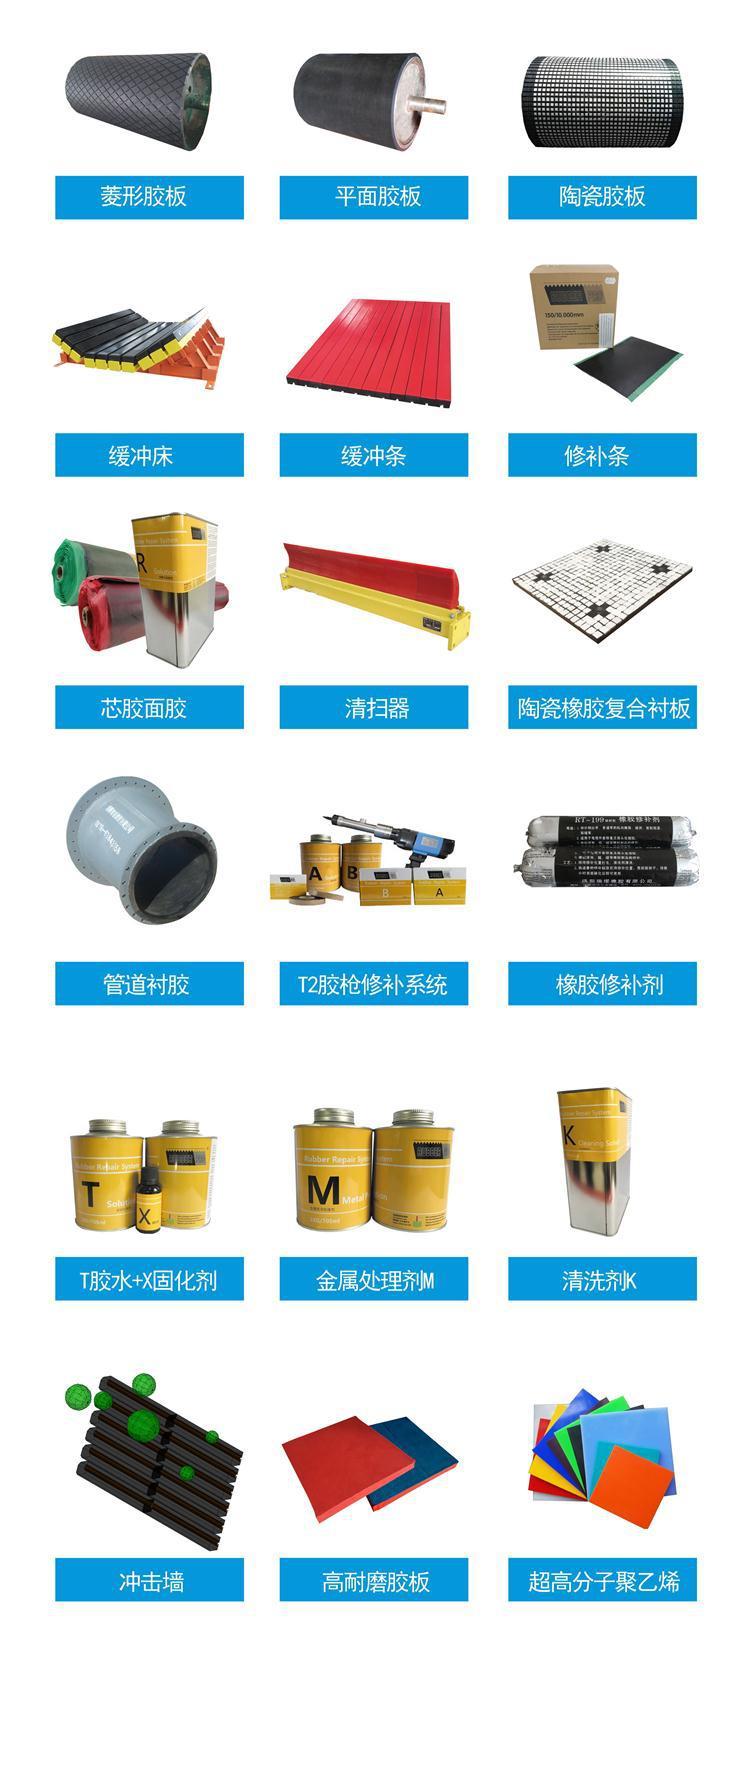 电厂皮带机系统缓冲条落料区缓冲条质量要求,缓冲条标准示例图18